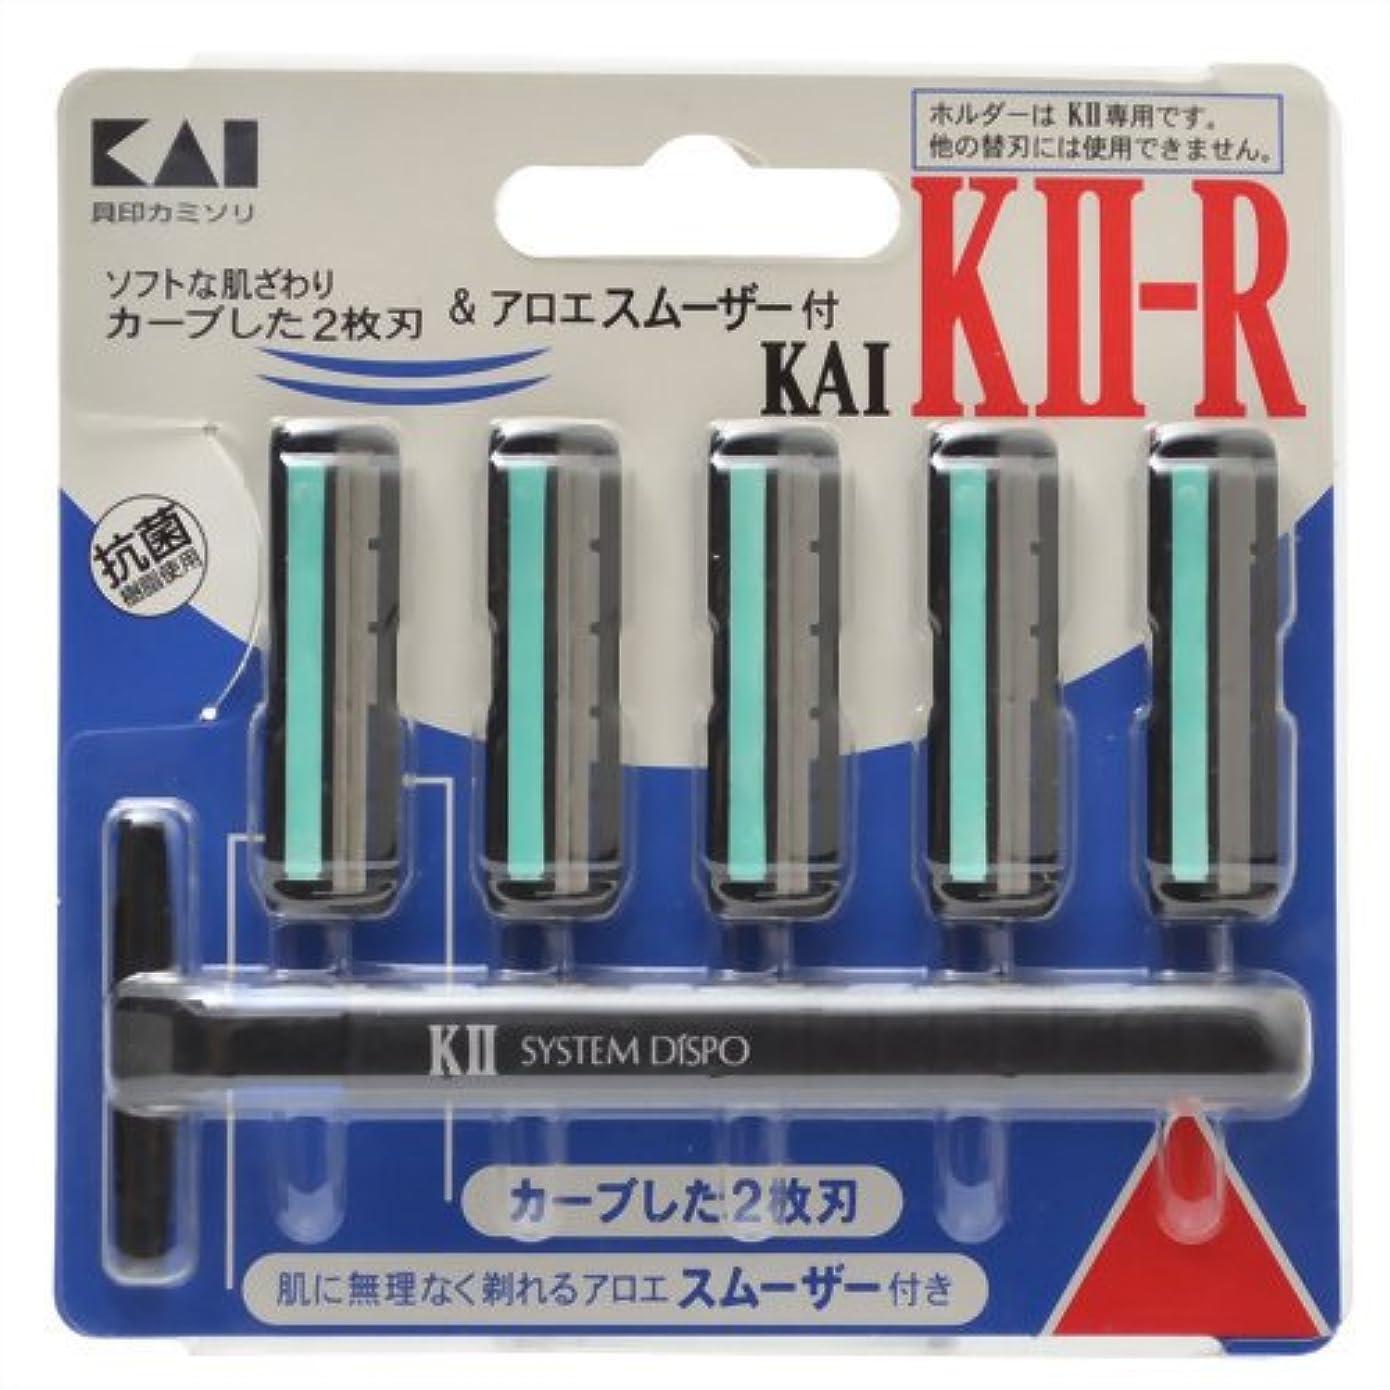 オーロック終わらせる調和貝印 KAI KII-R ひげそり用カミソリ アロエスムーザー付